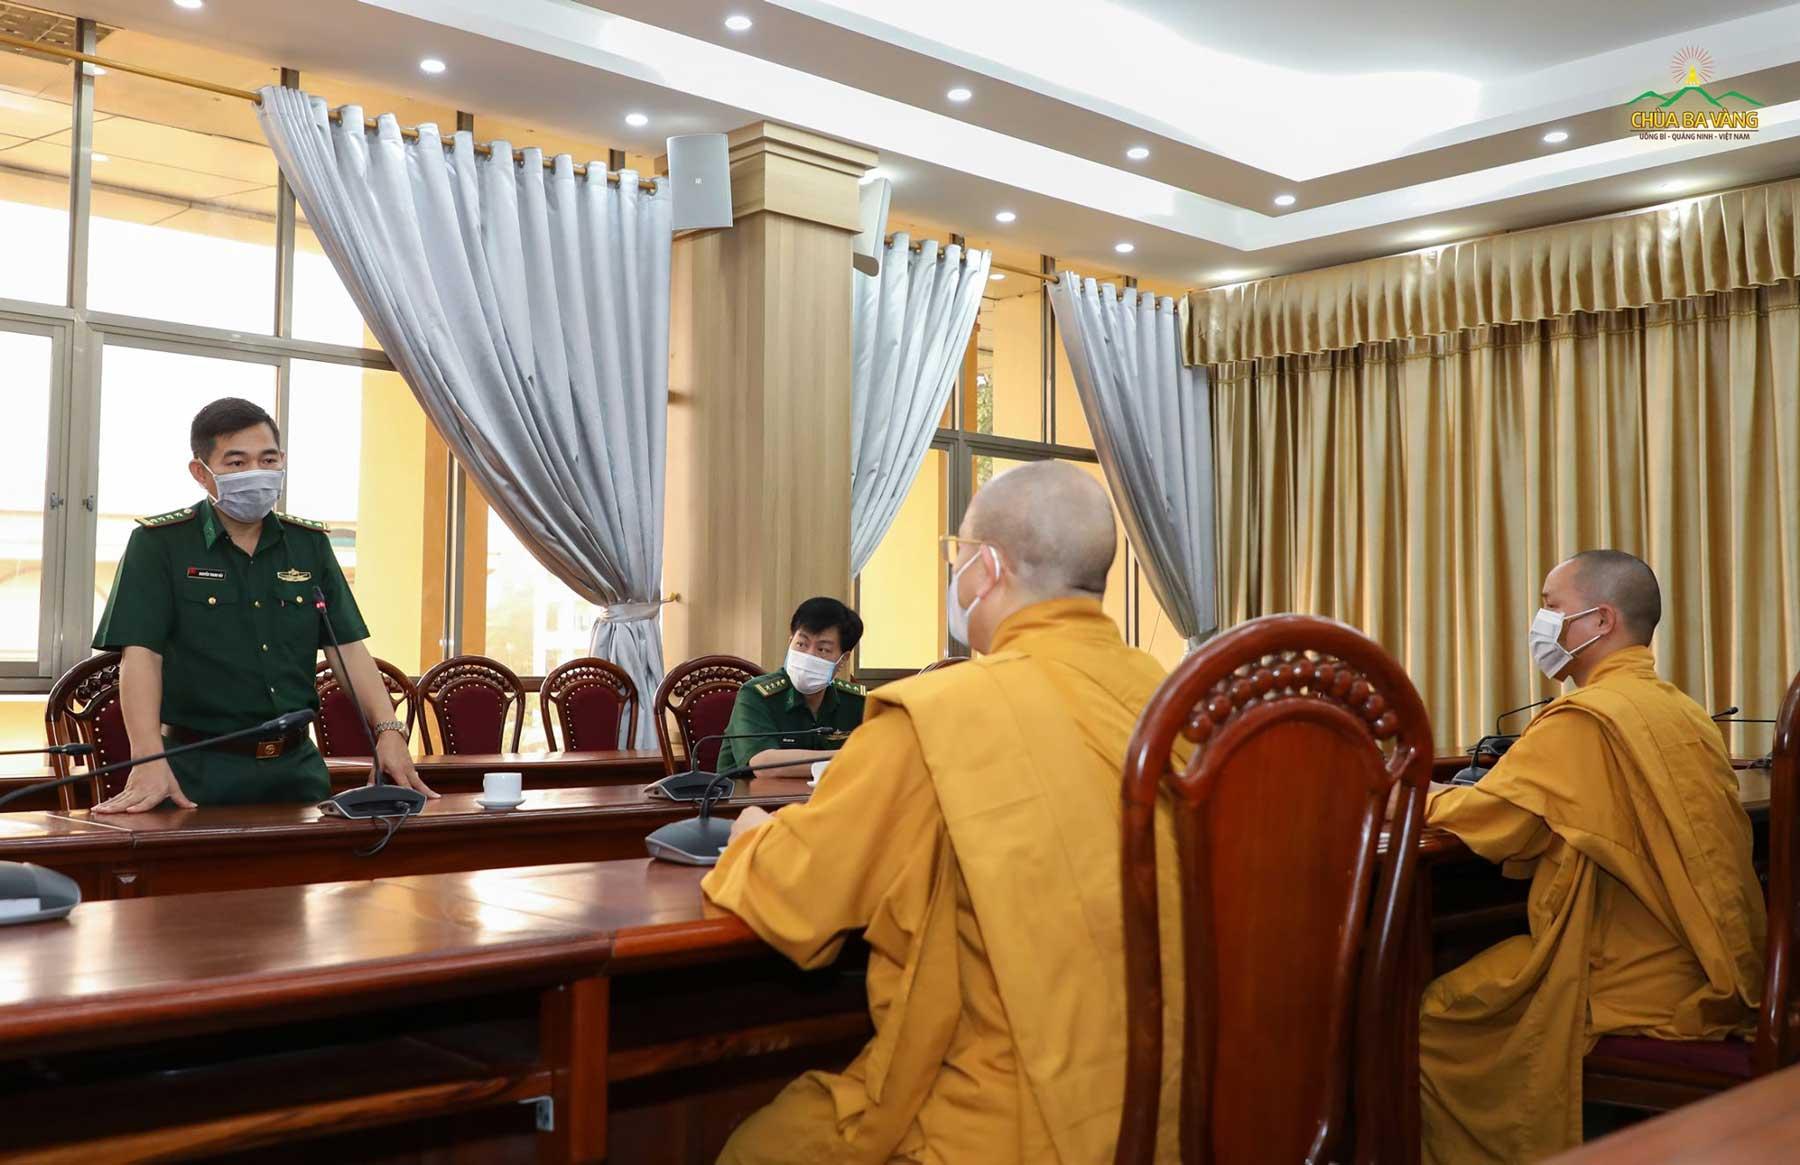 Thay mặt cho Đảng ủy Bộ Chỉ huy Bộ đội Biên phòng tỉnh Quảng Ninh, Đại tá Nguyễn Thanh Hải đã gửi lời cảm ơn sâu sắc nhất tới Sư Phụ Thích Trúc Thái Minh, chư Tăng Ni, Phật tử chùa Ba Vàng vì đã dành nhiều tình cảm và quan tâm đặc biệt tới các các bộ chiến sĩ trong lúc khó khăn, chiến đấu với dịch bệnh